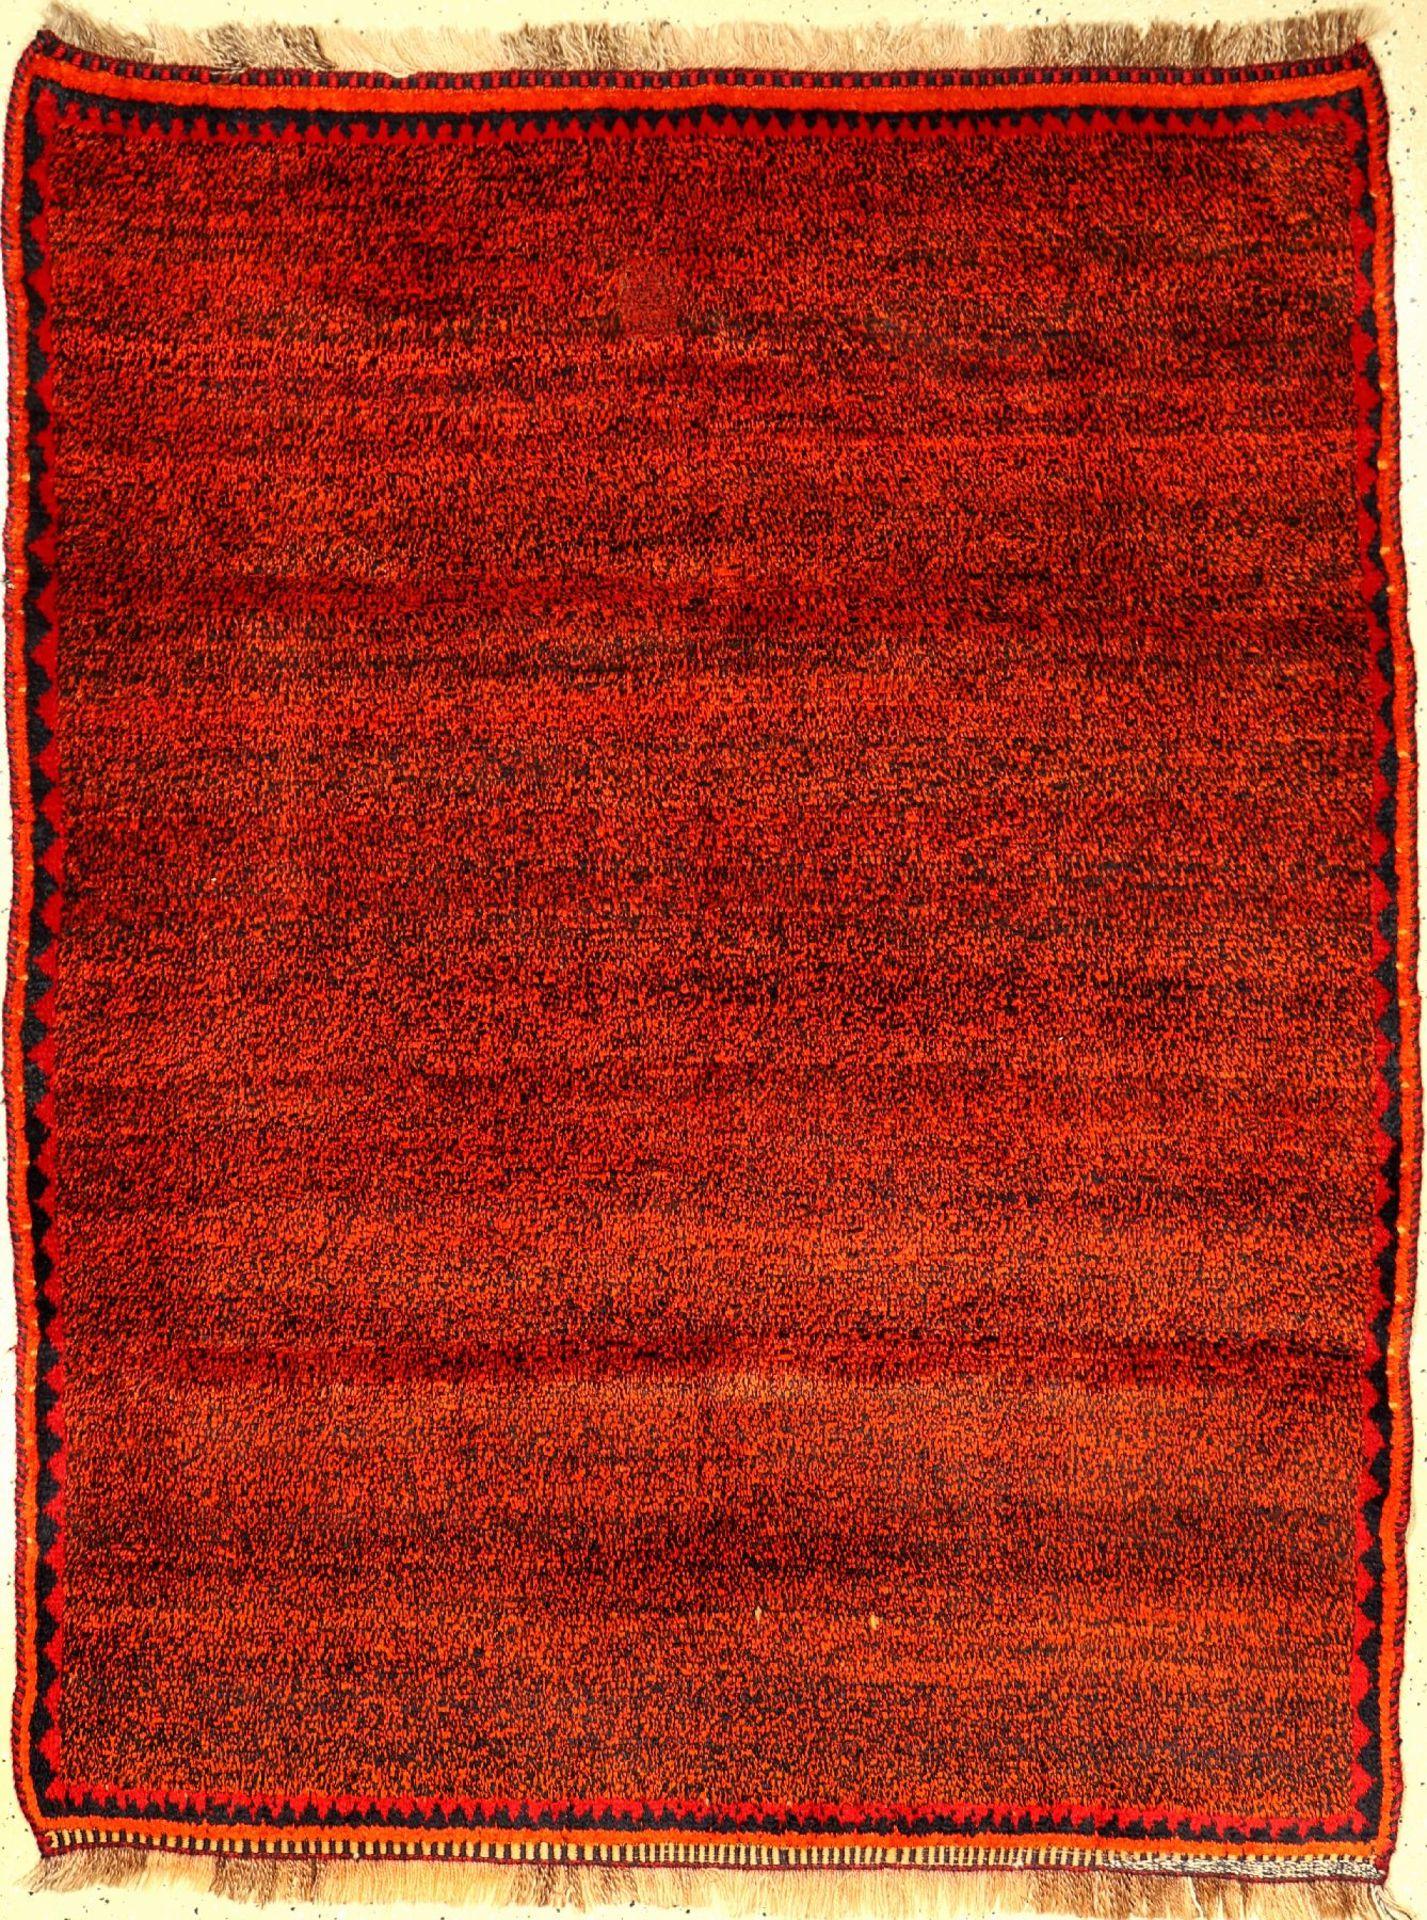 Gabbeh alt (Publiziert), Persien, um 1940/1950, Wolle auf Wolle, ca. 172 x 136 cm, EHZ: 2-3Gabbeh